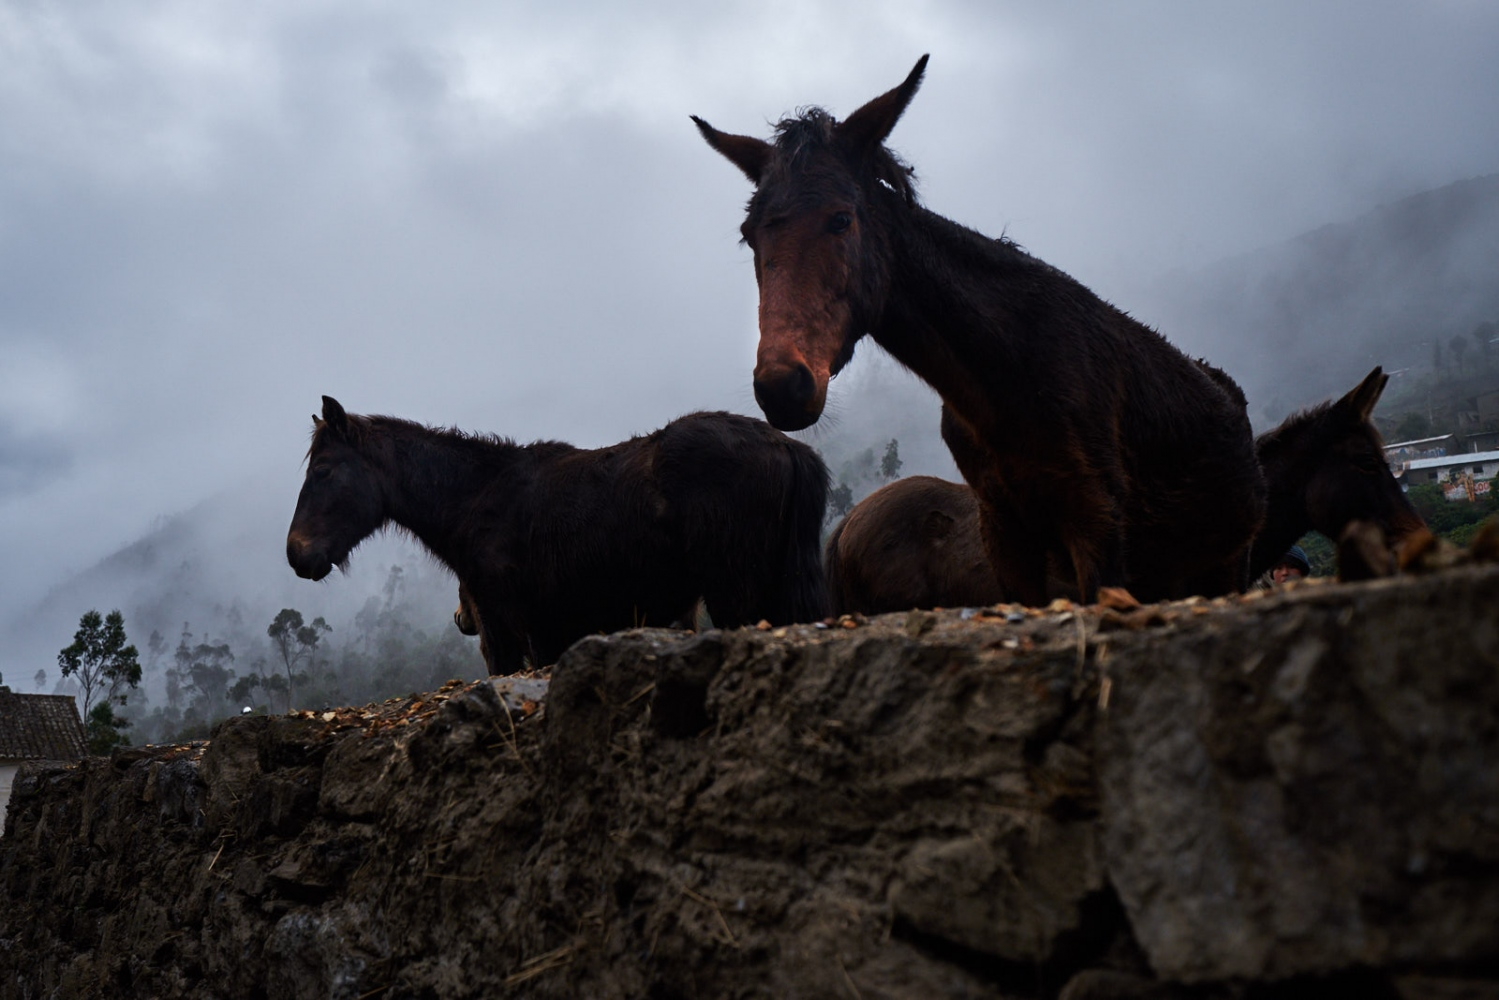 Mules, Chocquecancha, Peru.